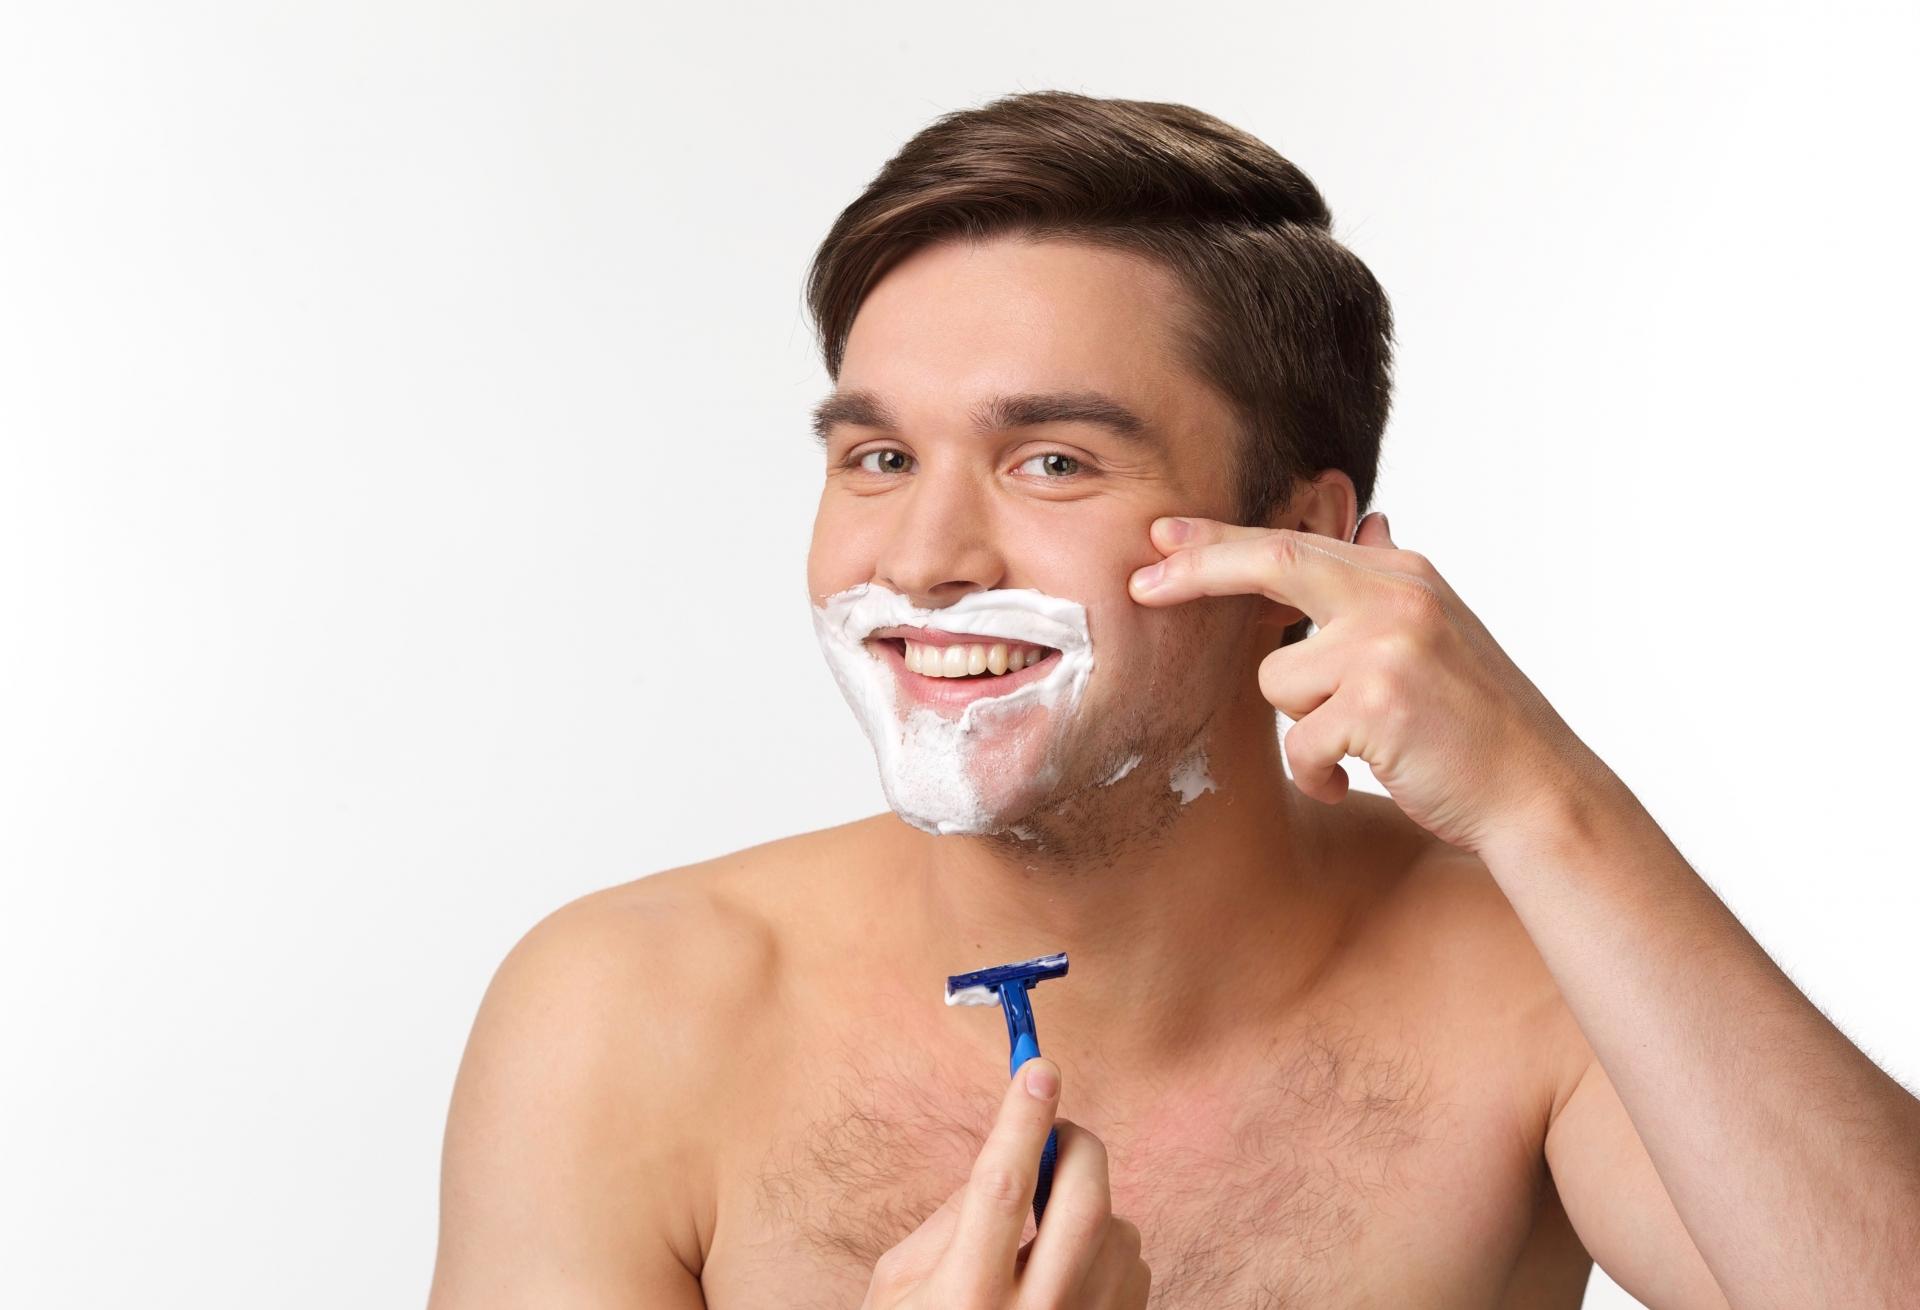 e4c5b2cb1600d8a6b78e490d4ab485d7 m 男性ホルモンの働きと、男性型脱毛症